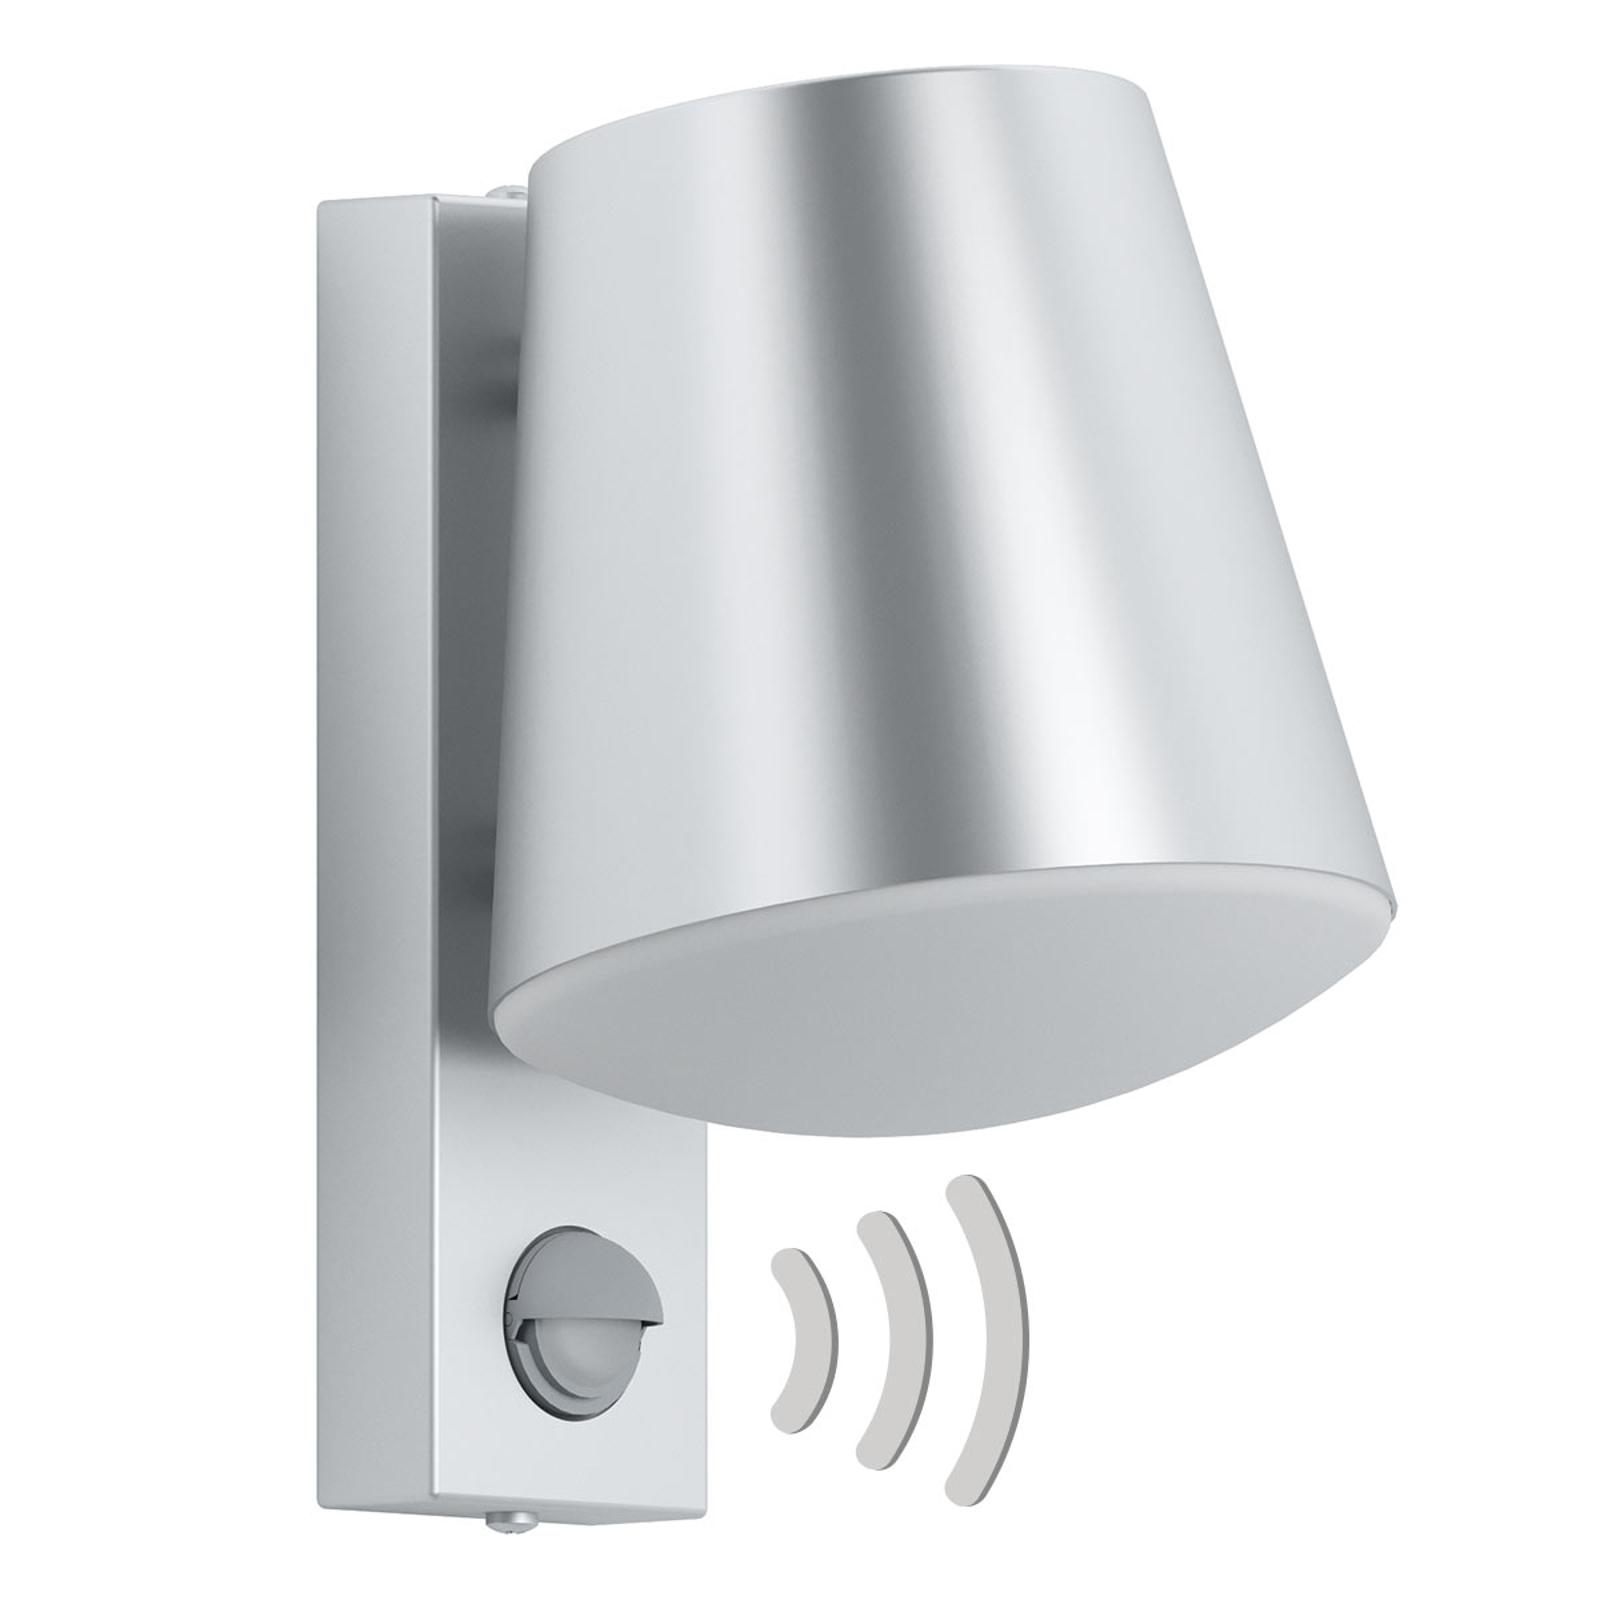 Buitenwandlamp Caldiero van roestvrij staal sensor